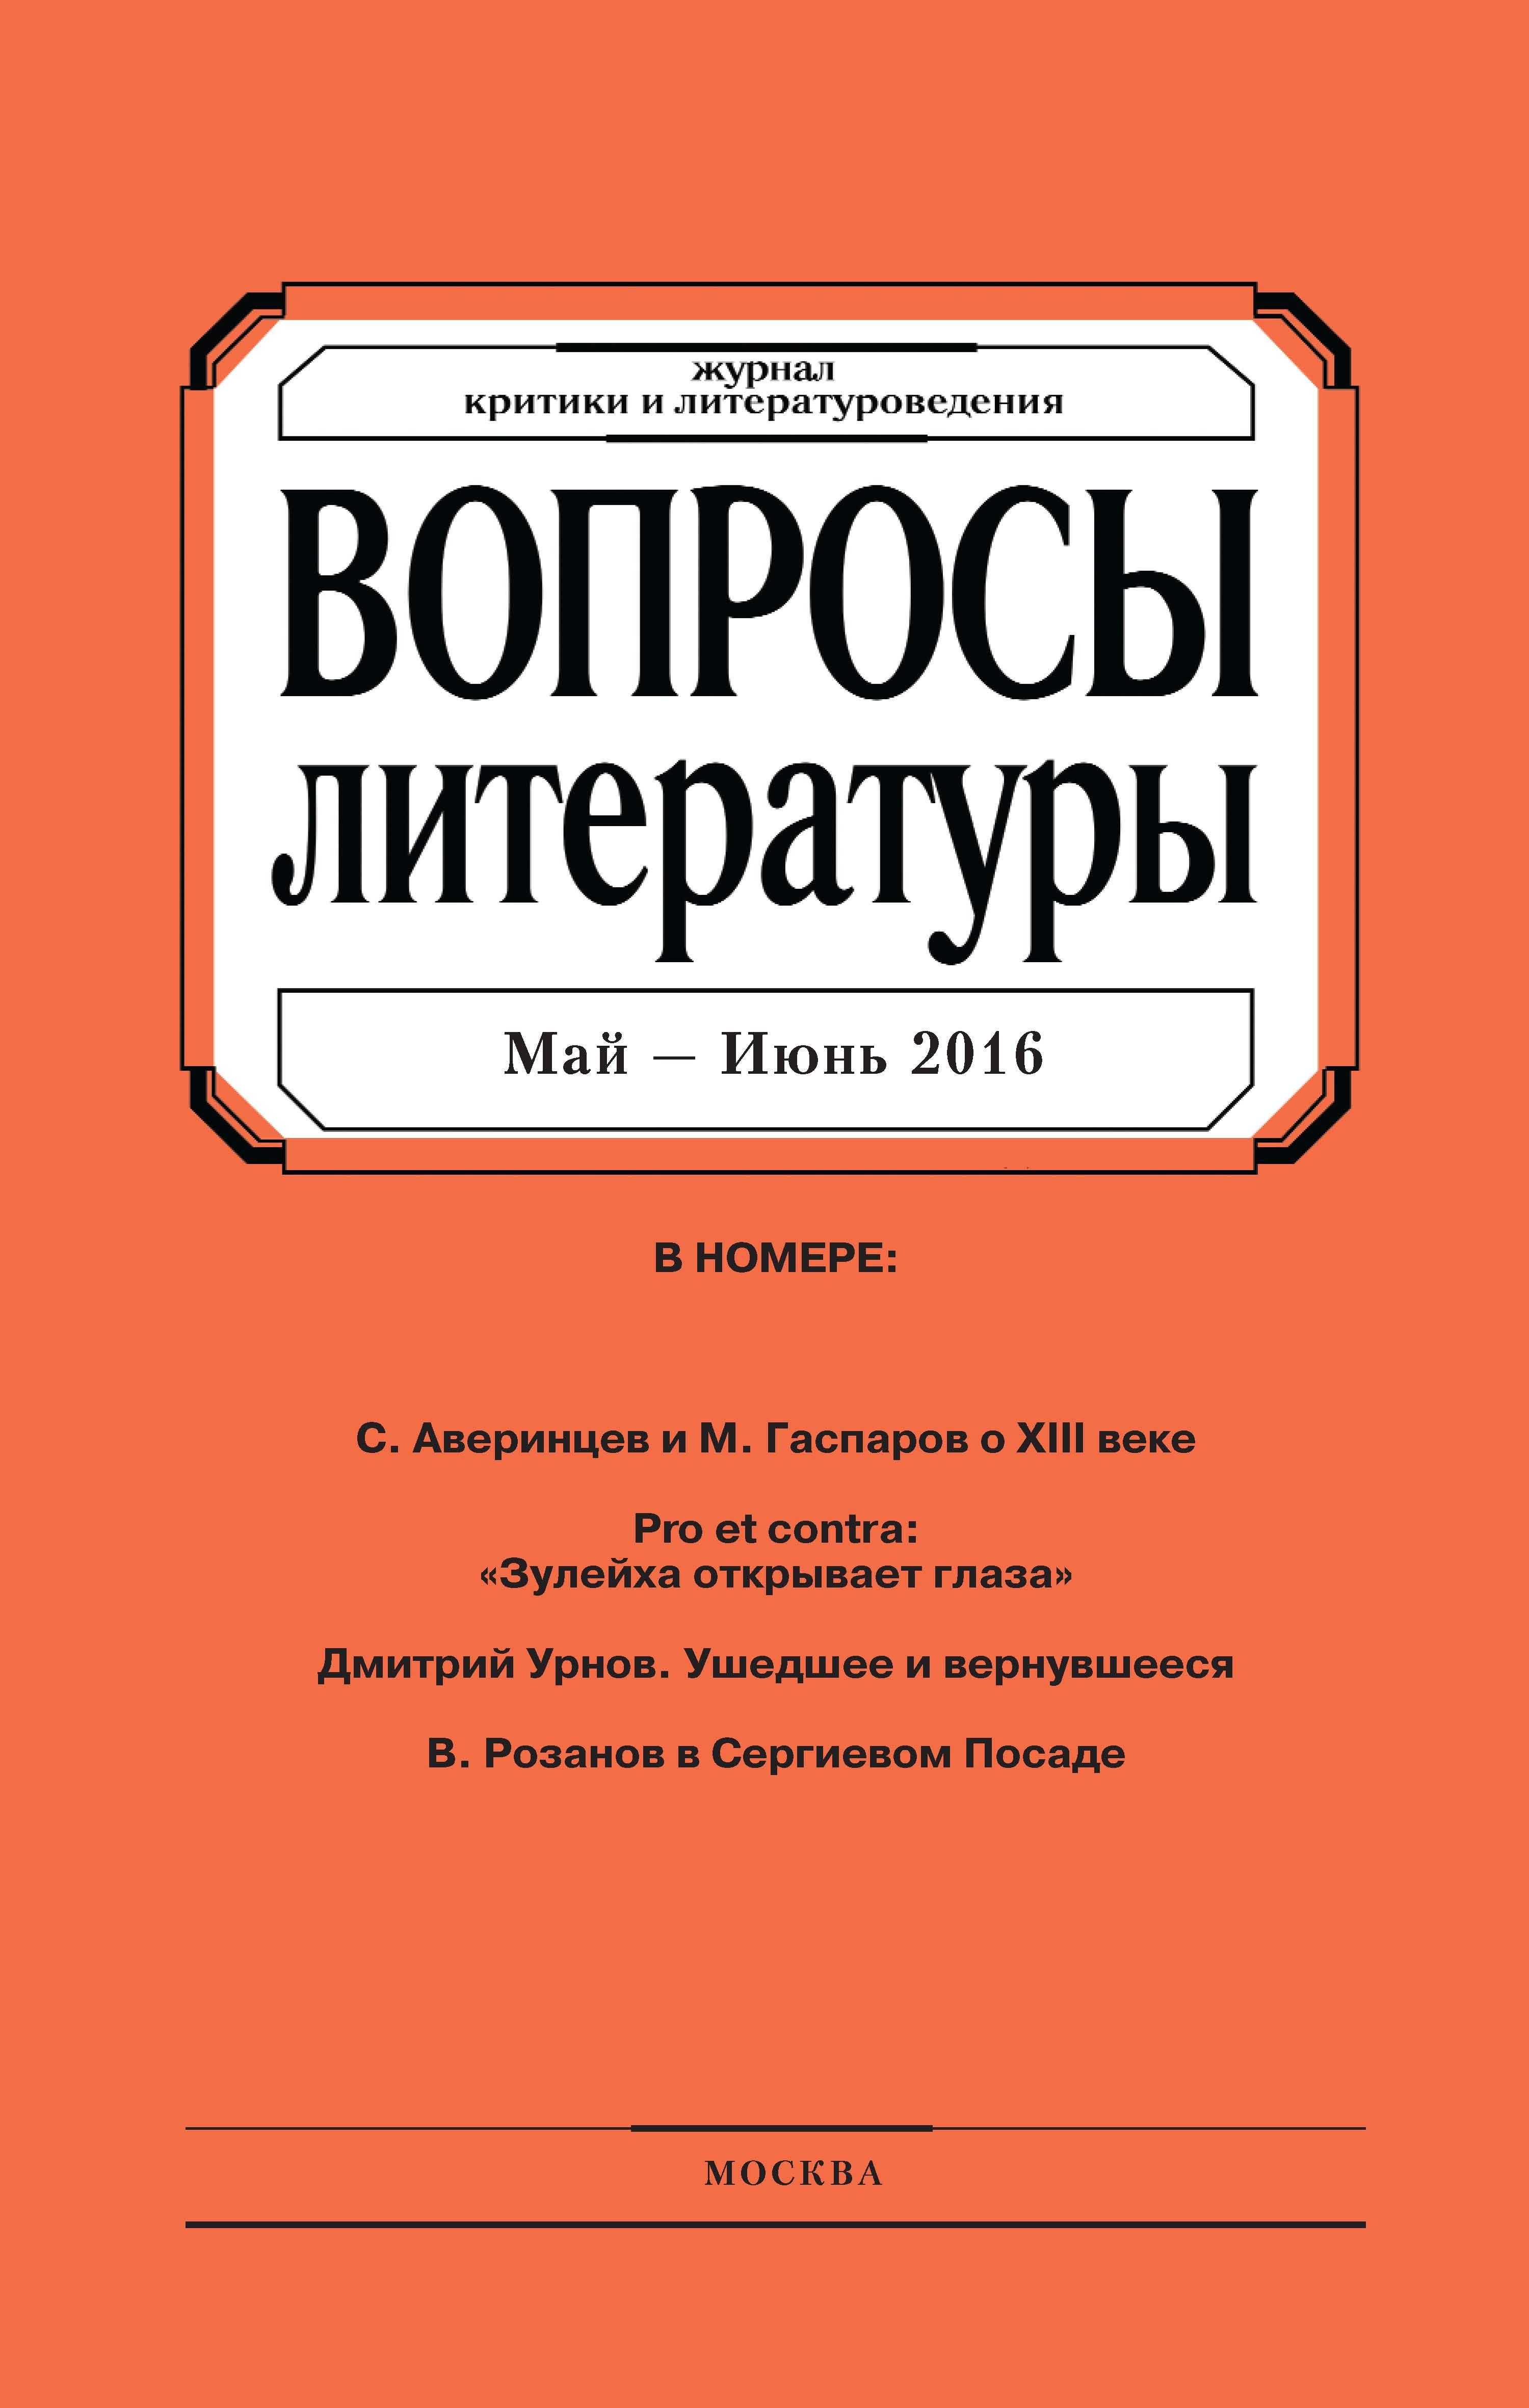 купить Отсутствует Вопросы литературы № 3 Май – Июнь 2016 по цене 200 рублей